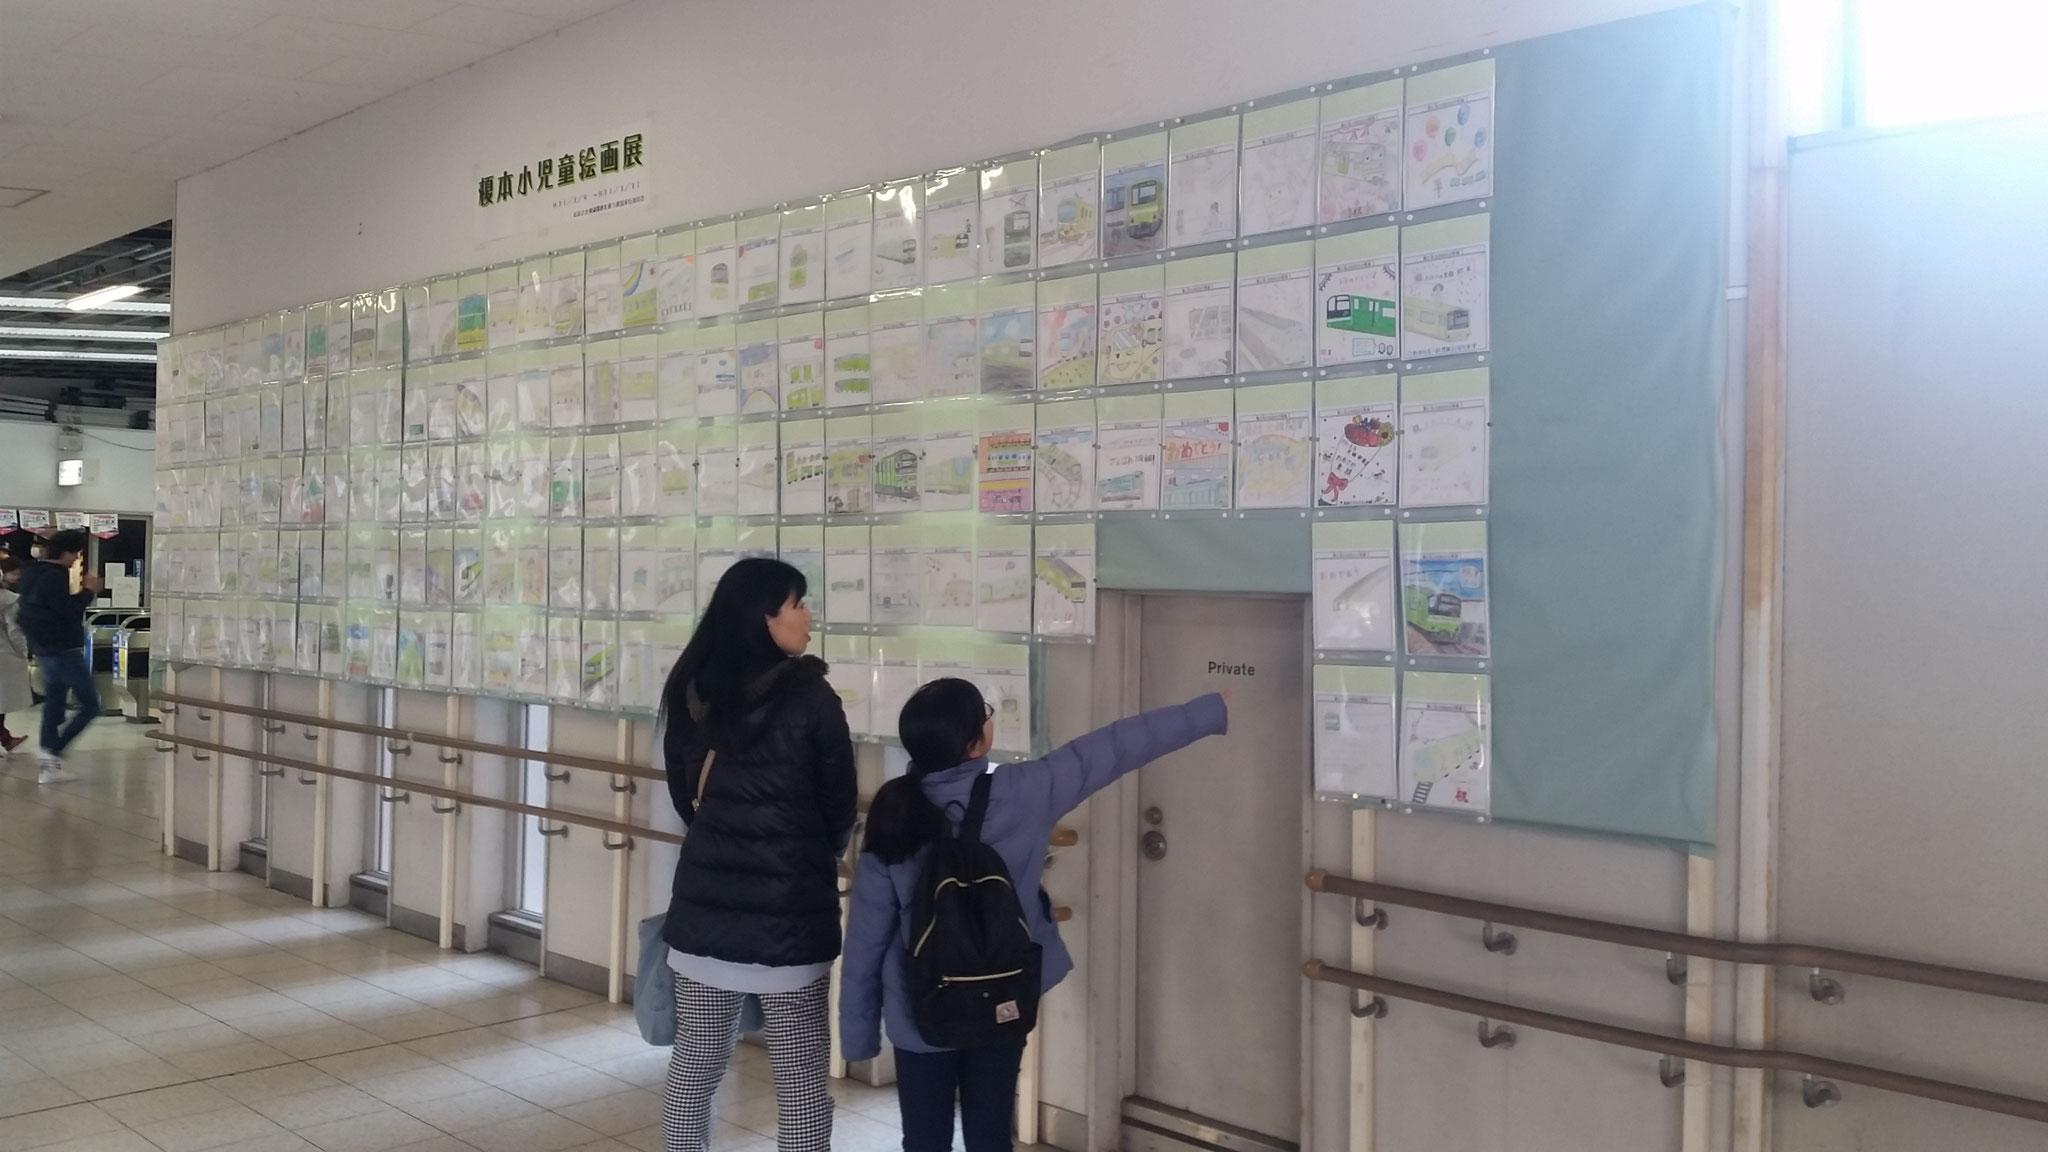 榎本小児童による絵画展も展示されました。